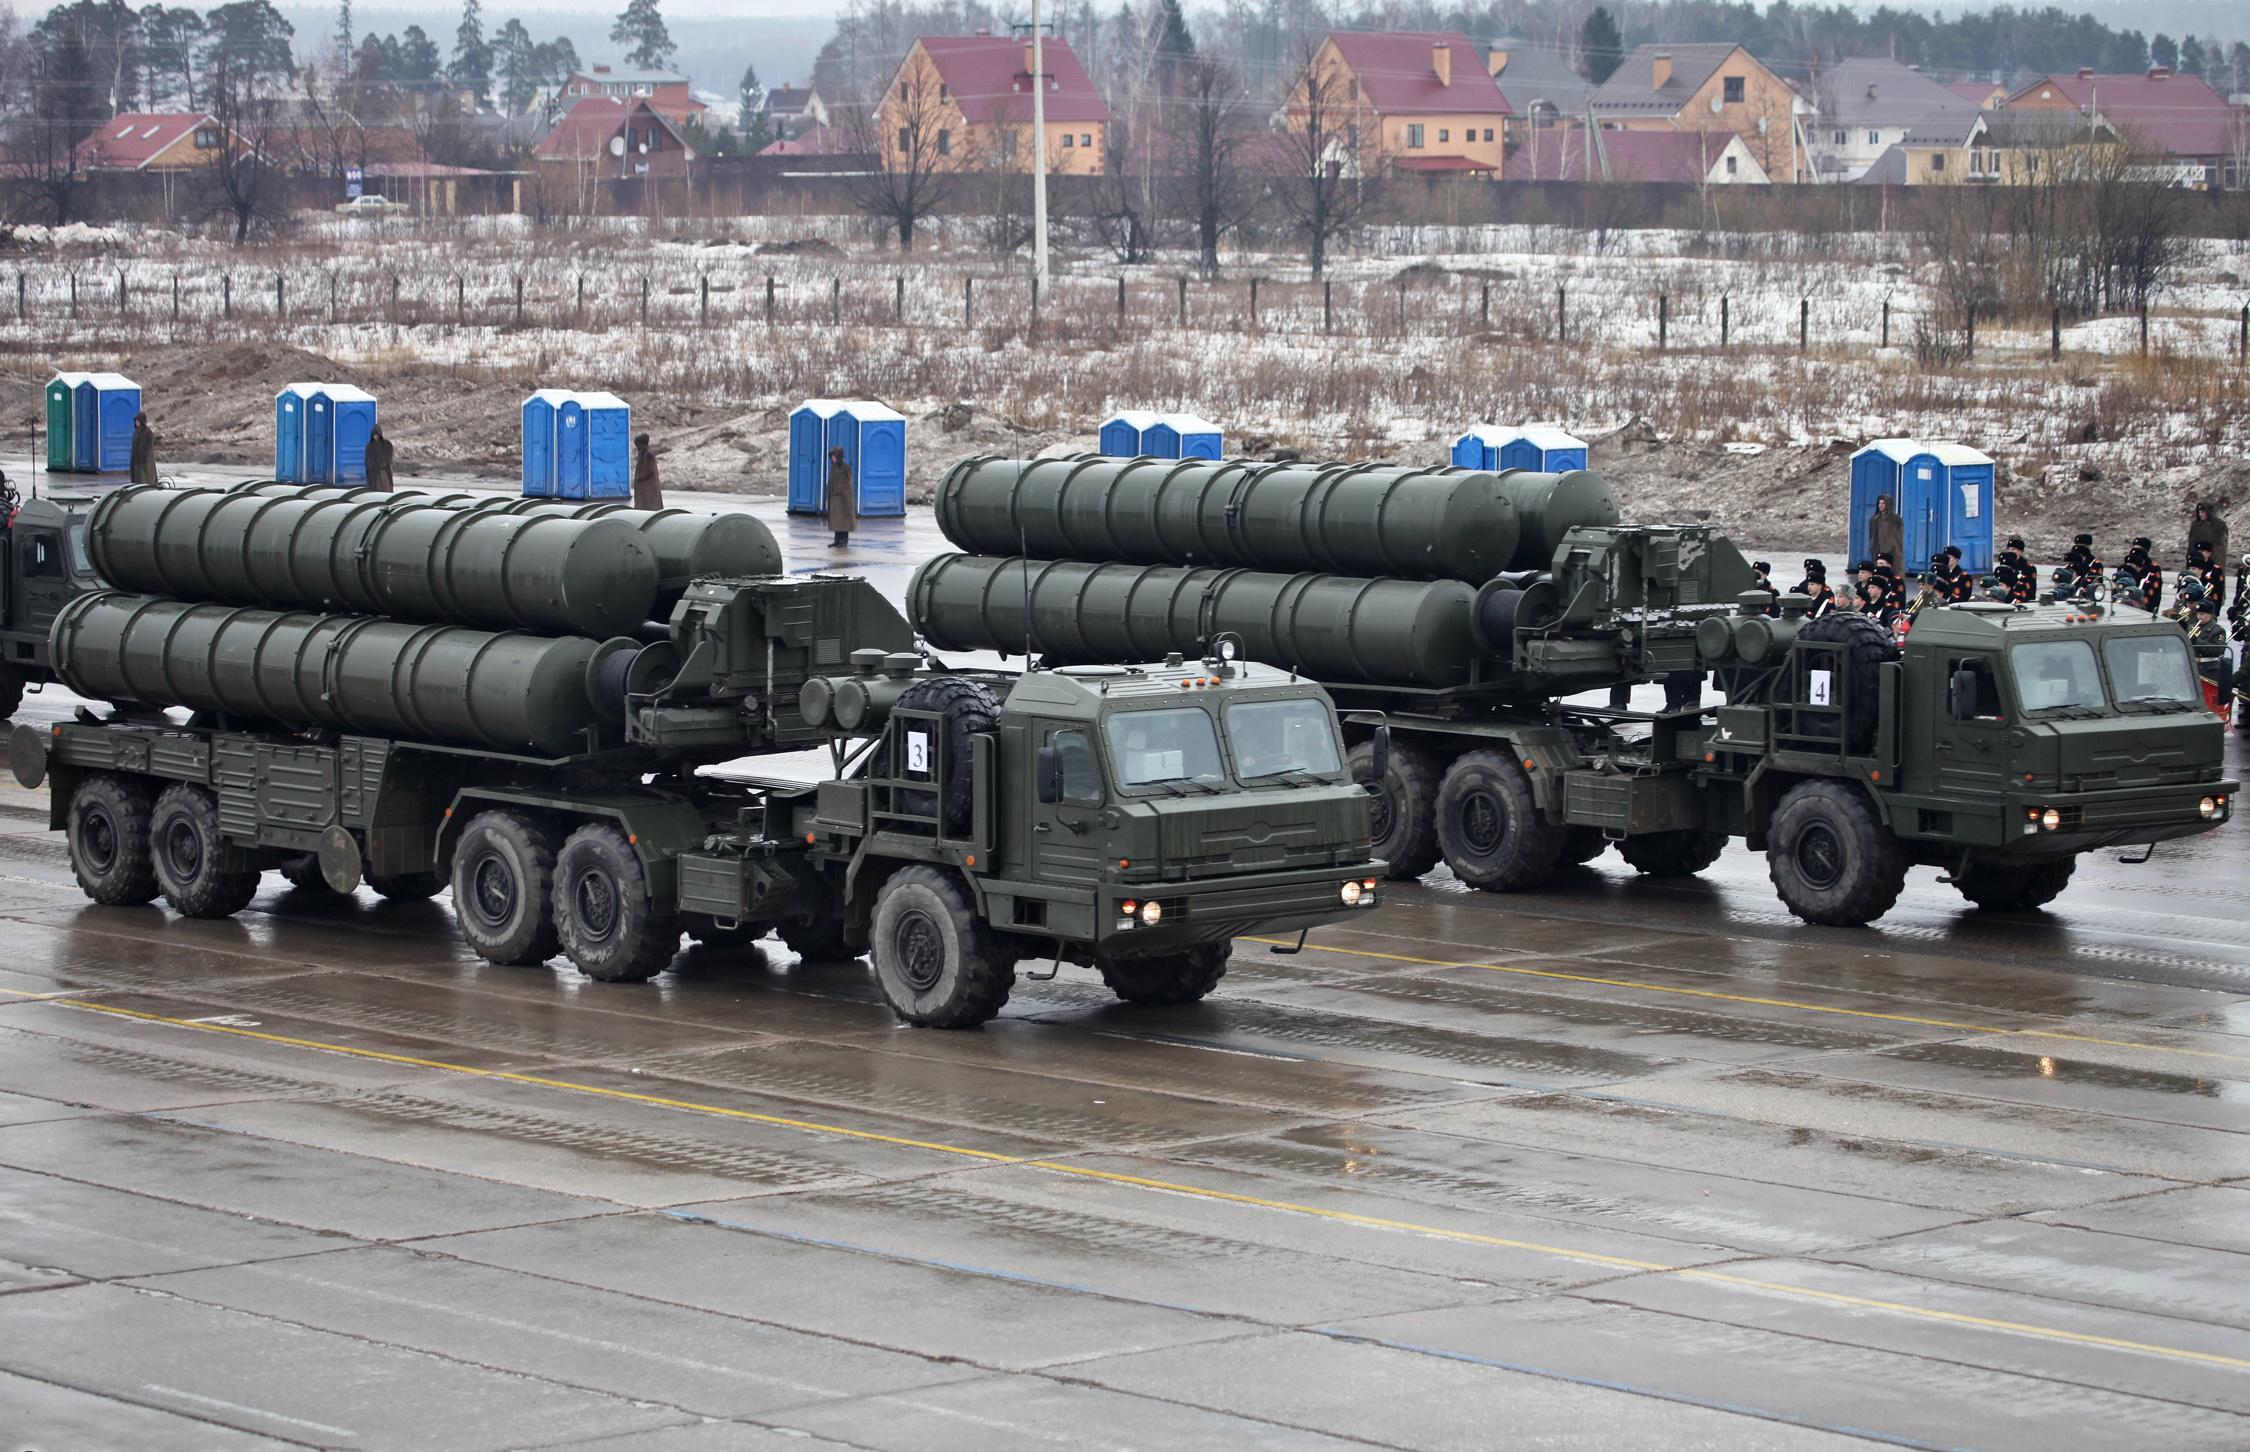 Após incidente Rússia desloca unidades S-400 para Síria